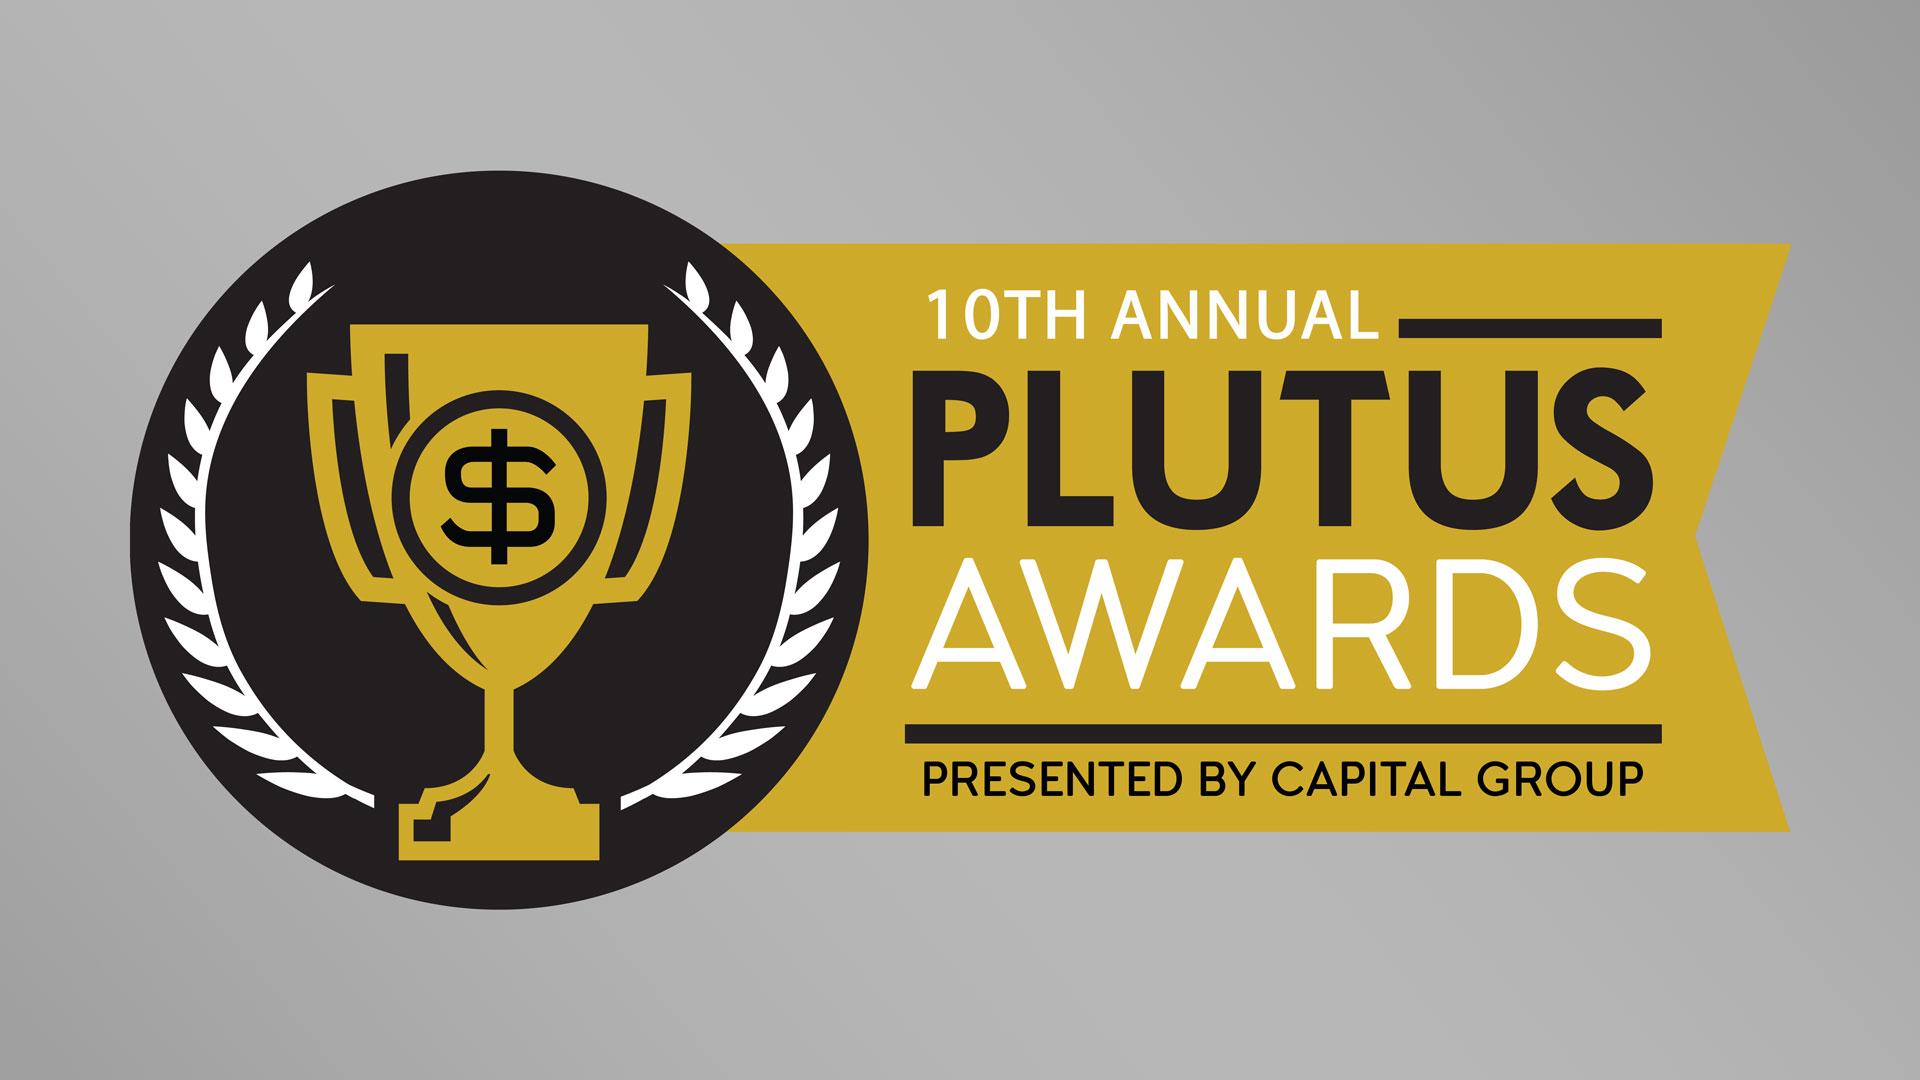 plutus-awards-10-banner-grey-bg